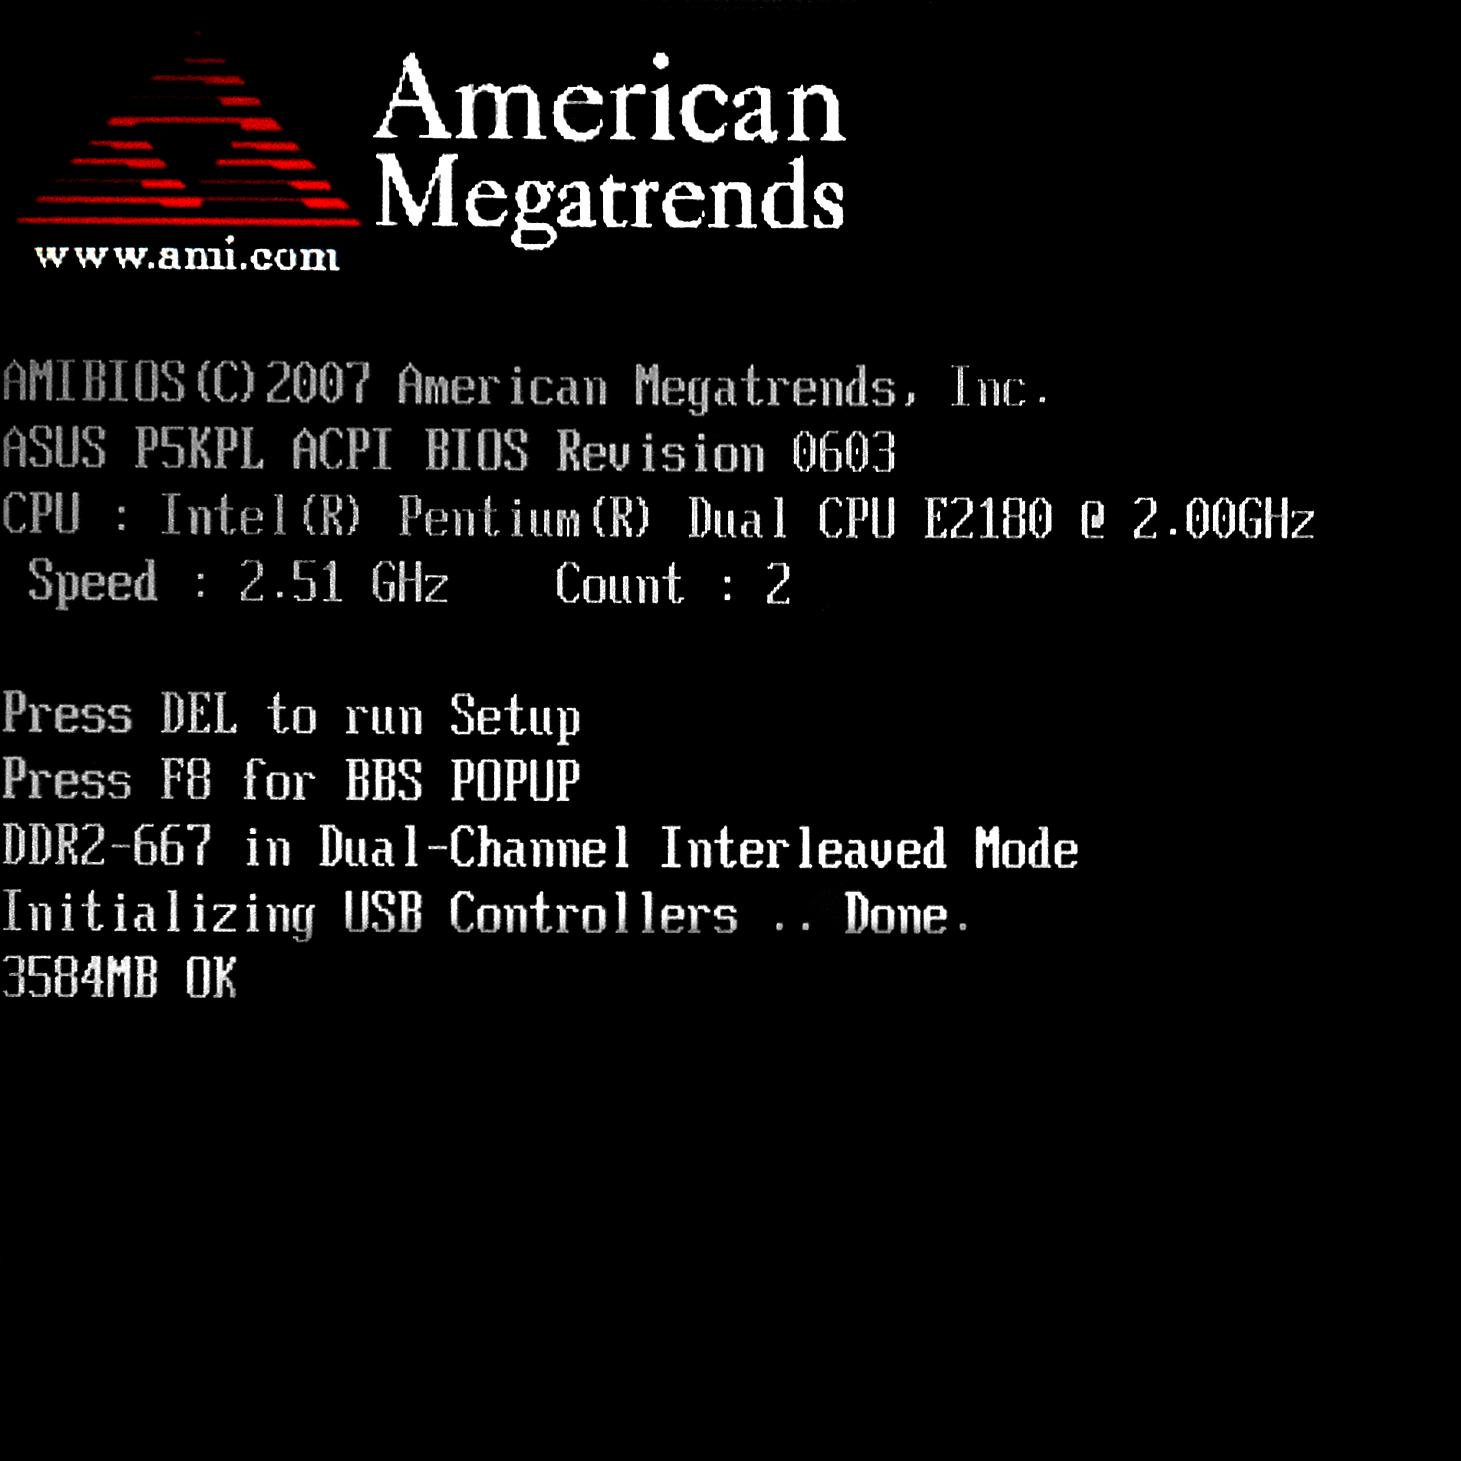 Черный экран монитора с надписями на английском языке